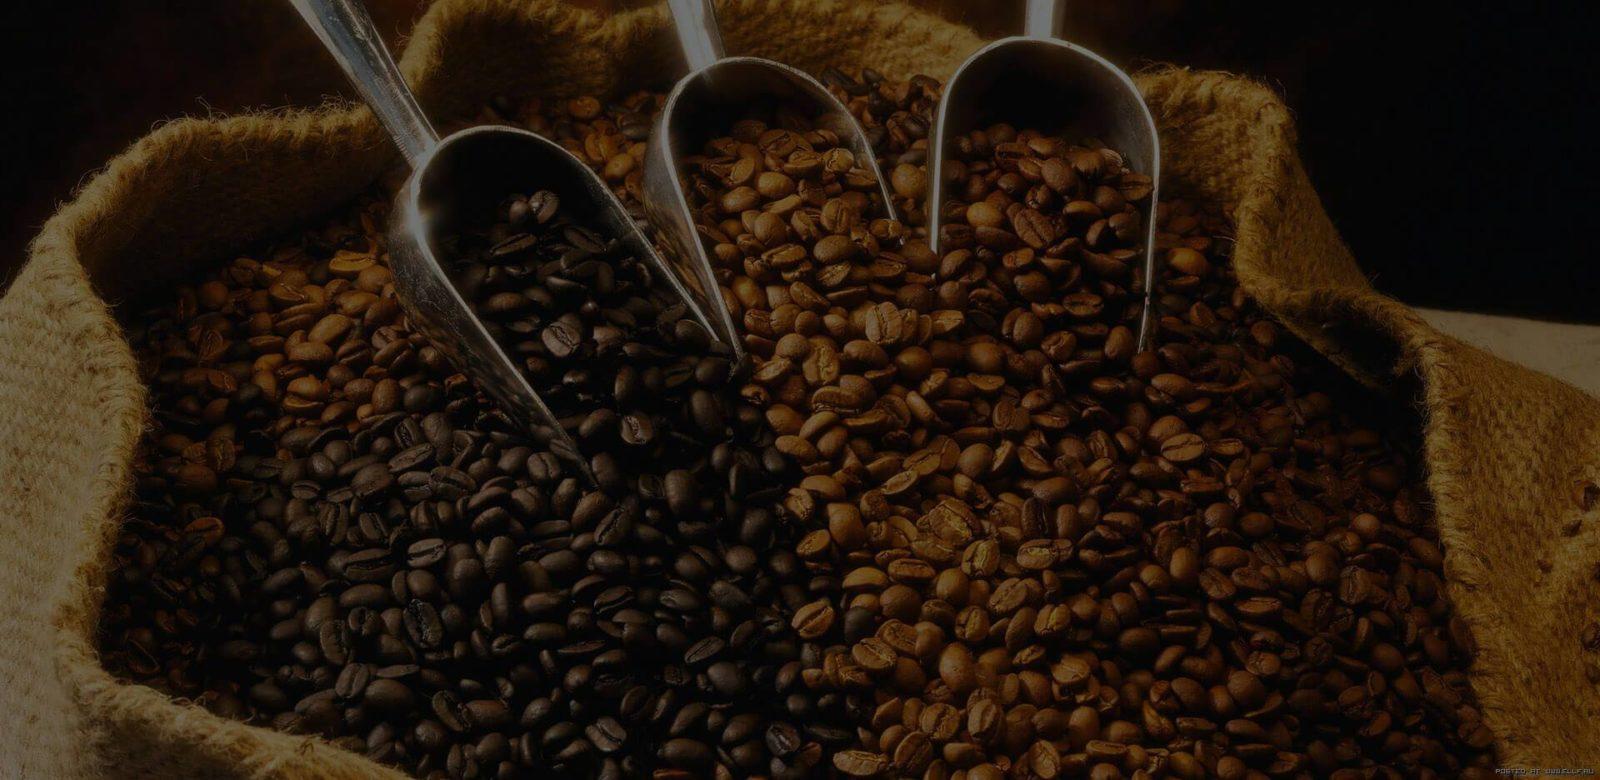 kofe-dlya-kofemashiny-v-zernax_1